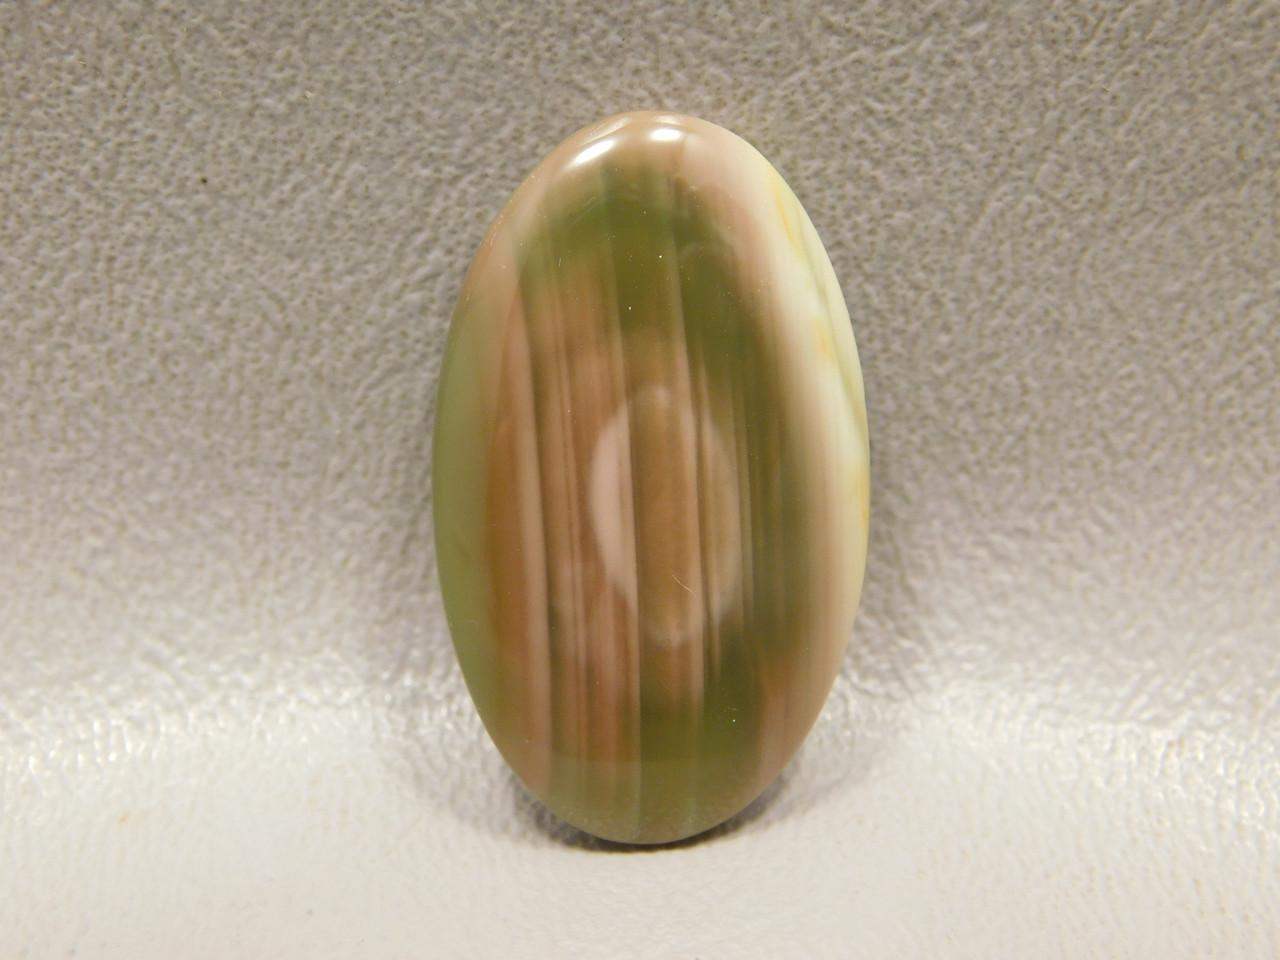 Cabochon Stone Royal Imperial Jasper Semiprecious Gemstone #24